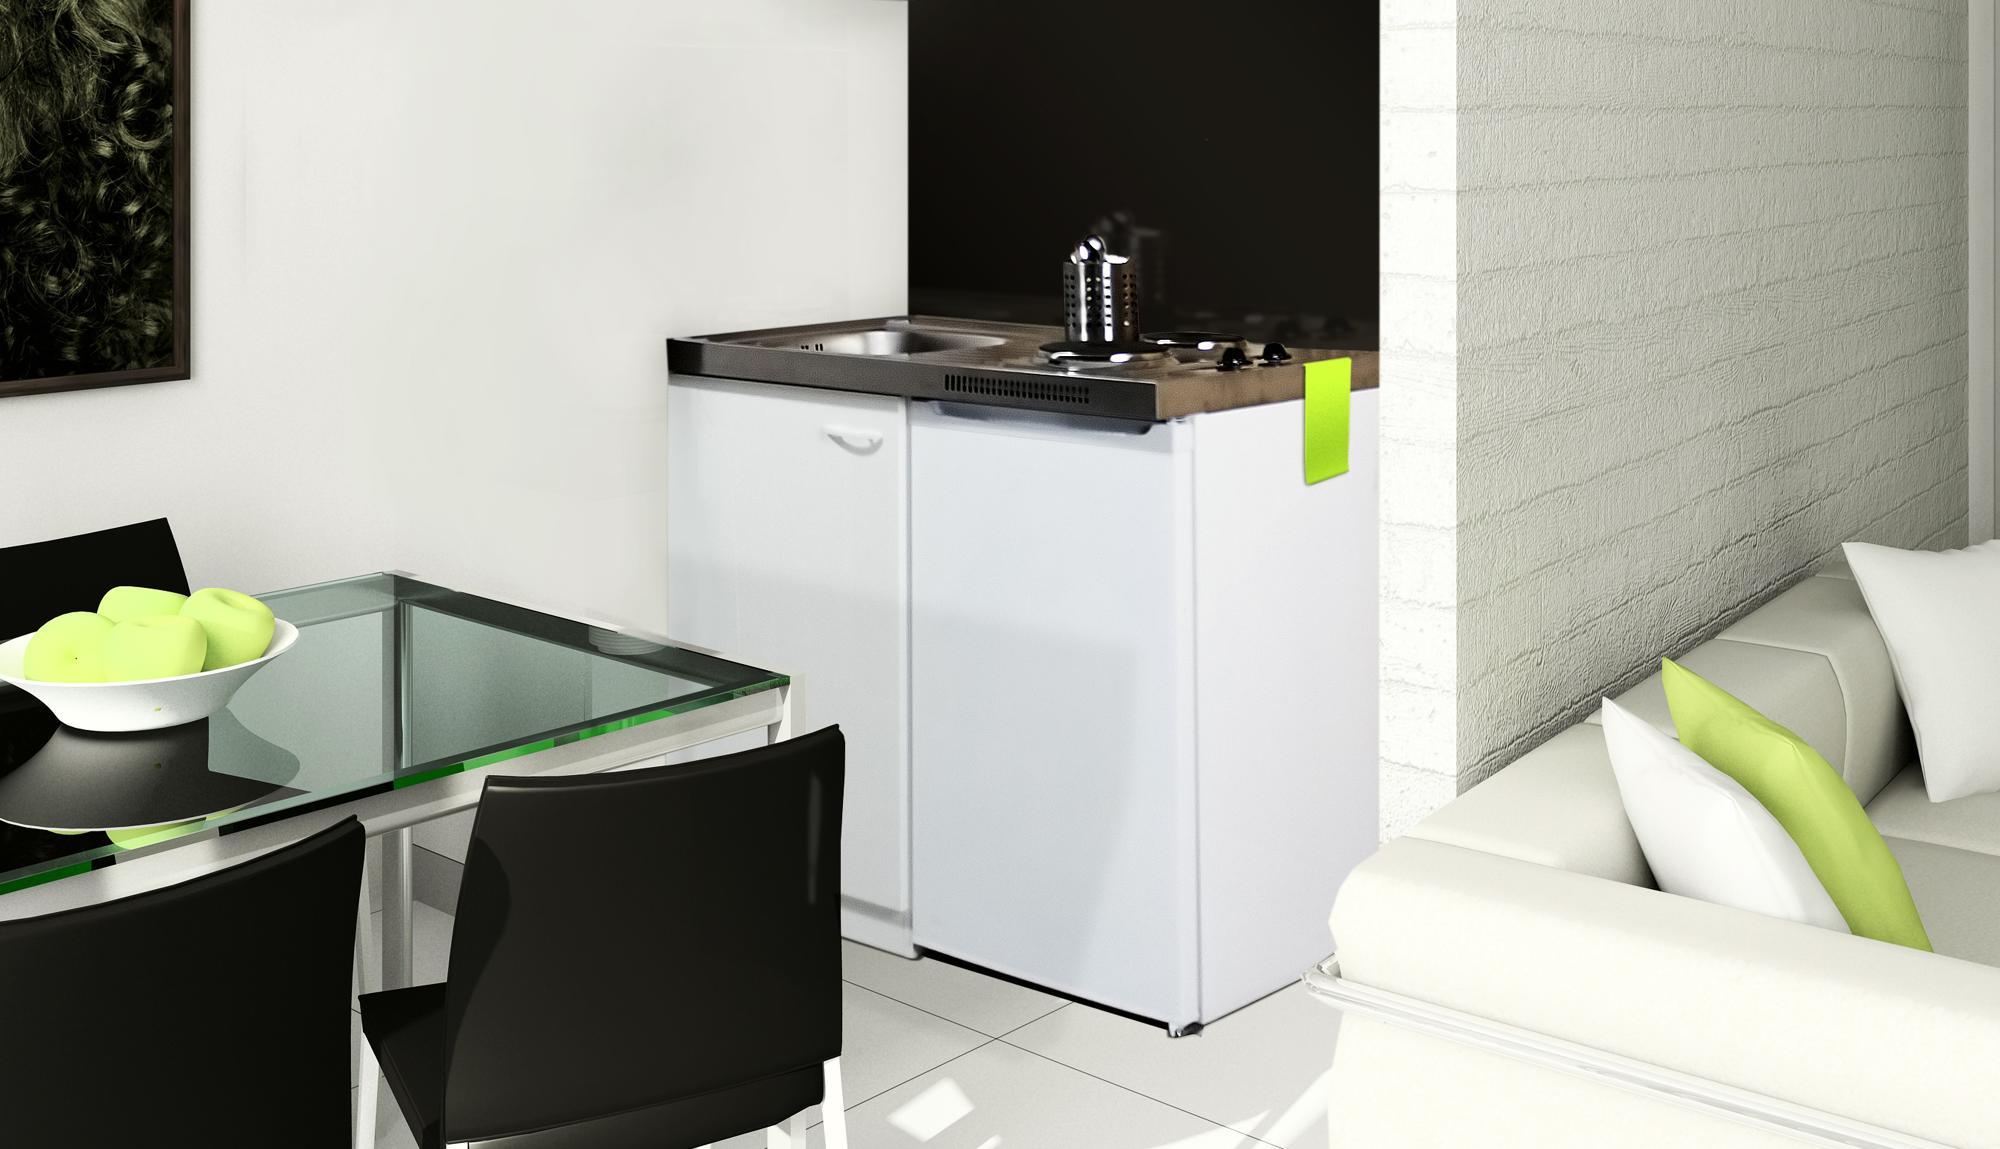 Full Size of Miniküche Spüle Miniküche Mit Backofen Und Herdplatten Miniküche 2 M Miniküchen Küche Miniküche